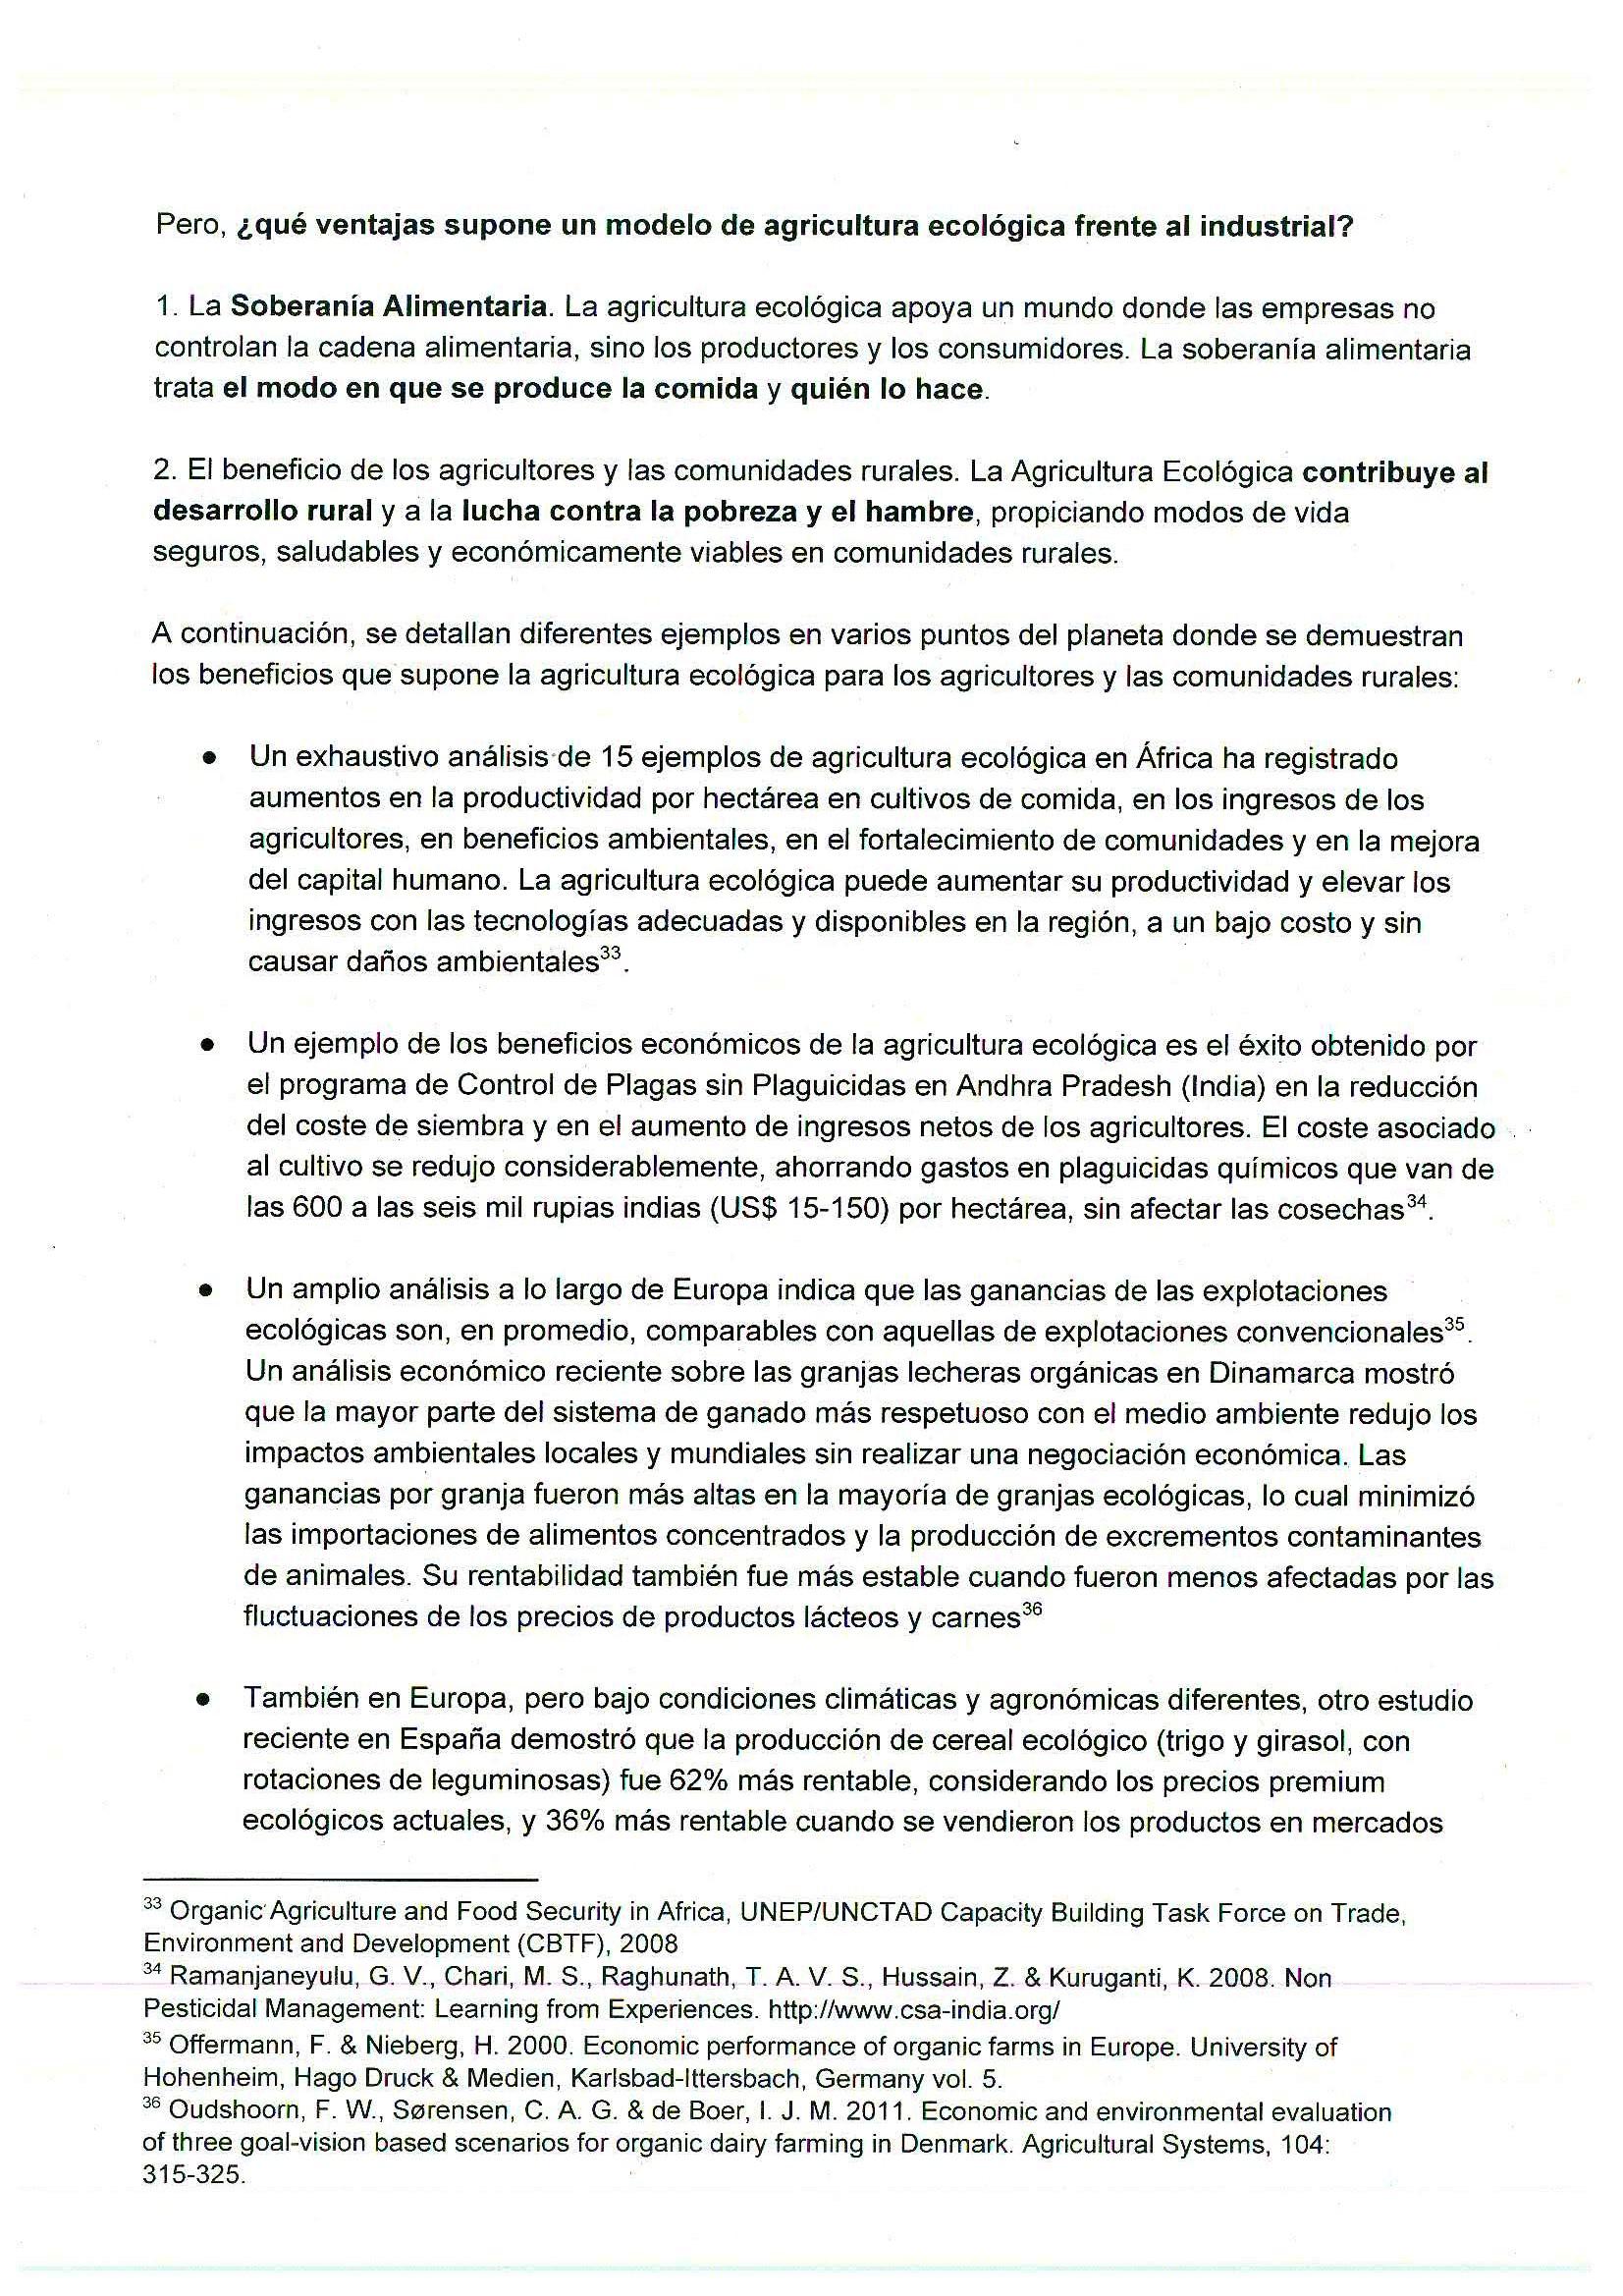 Aldeire.-Carta-ZLT%2c-glifosato-y-compra-publica-ecologica-0012